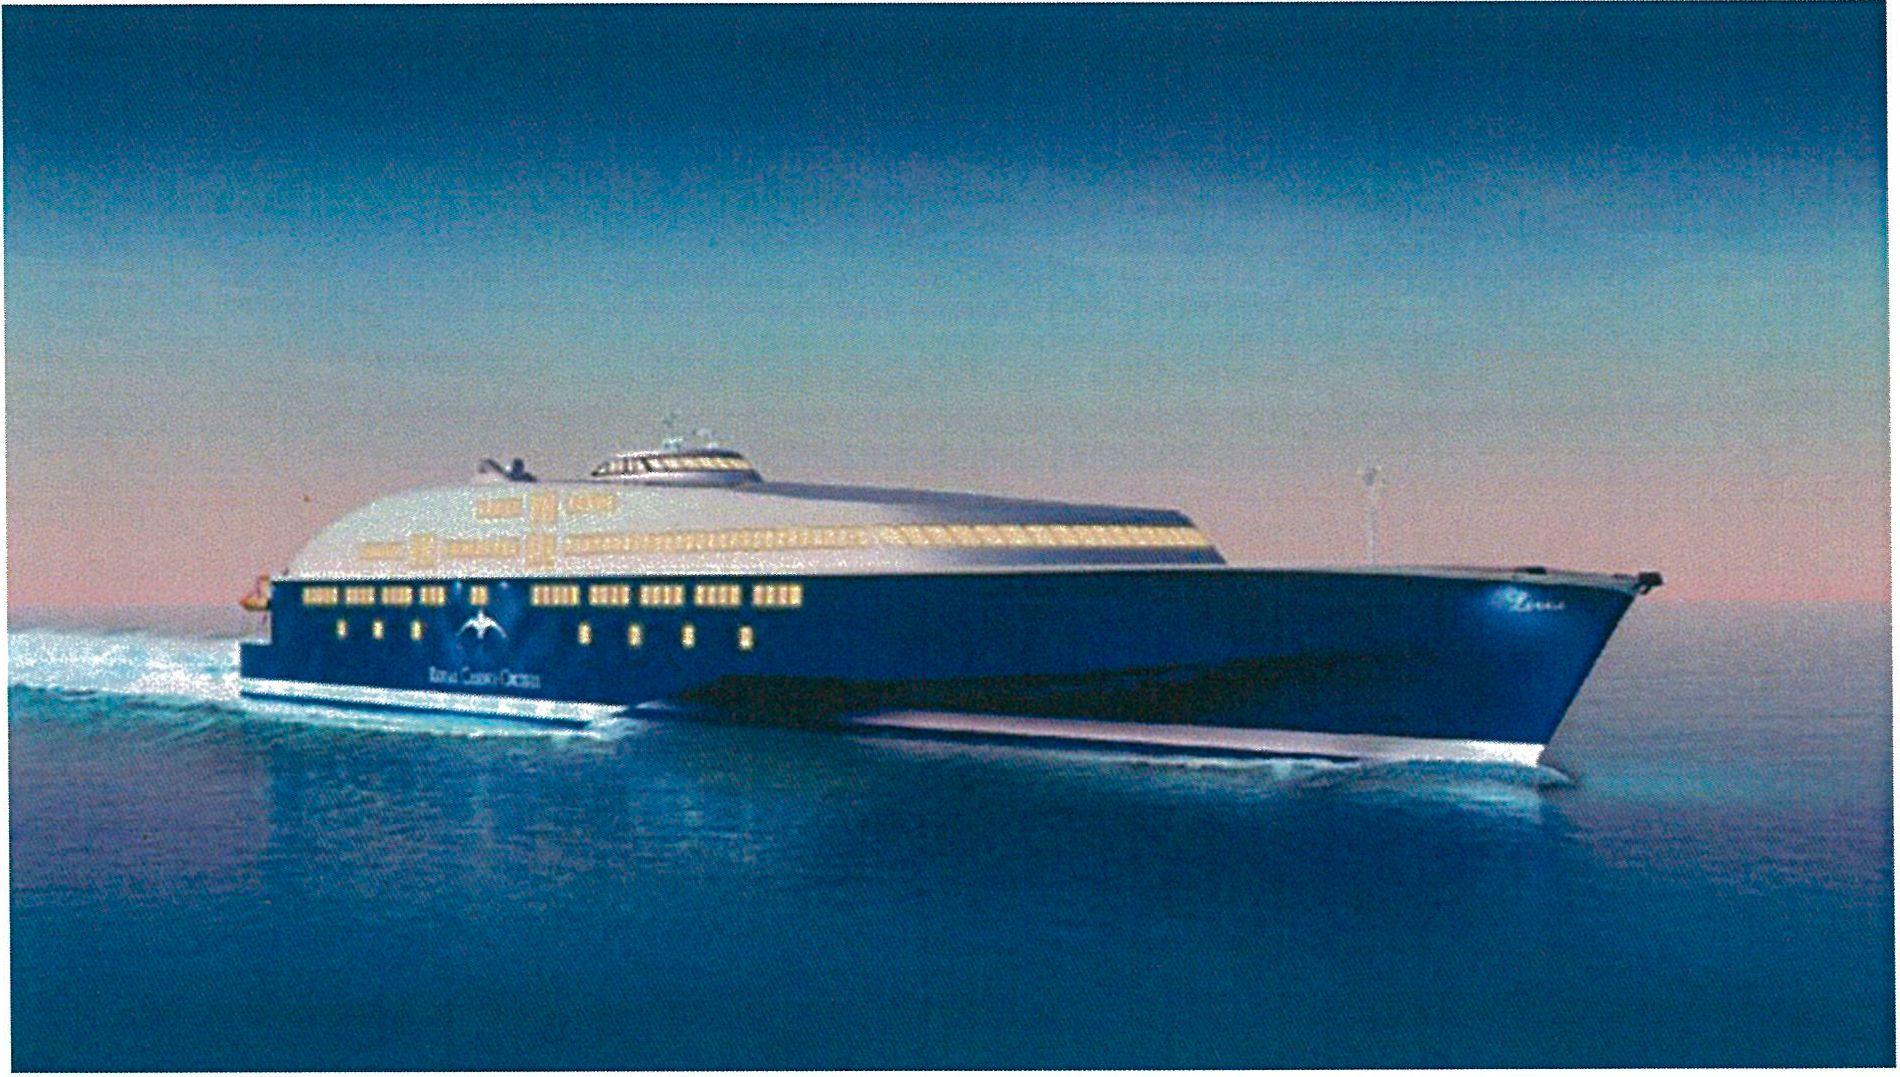 Bildet er fra et prospekt den fengselsdømte 69-åringen laget for selskapet RC Cruises Ltd, som skulle stå for byggingen av et cruiseskrip. Prosjektet var ifølge retten tilnærmet uten verdi.